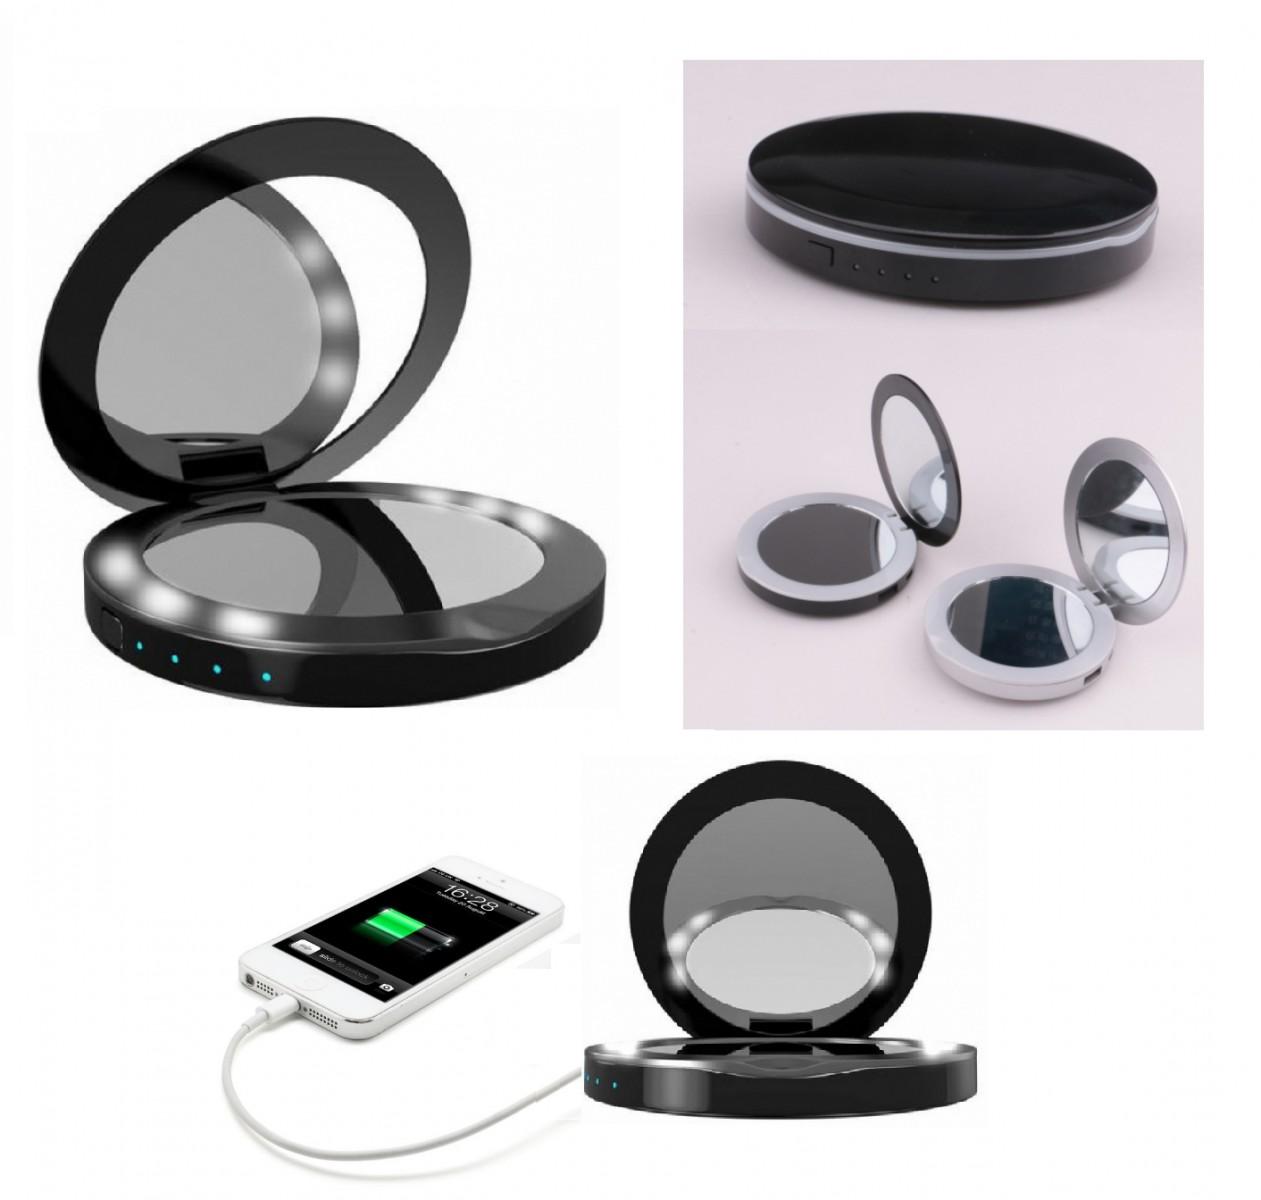 Power Bank - compact mirror